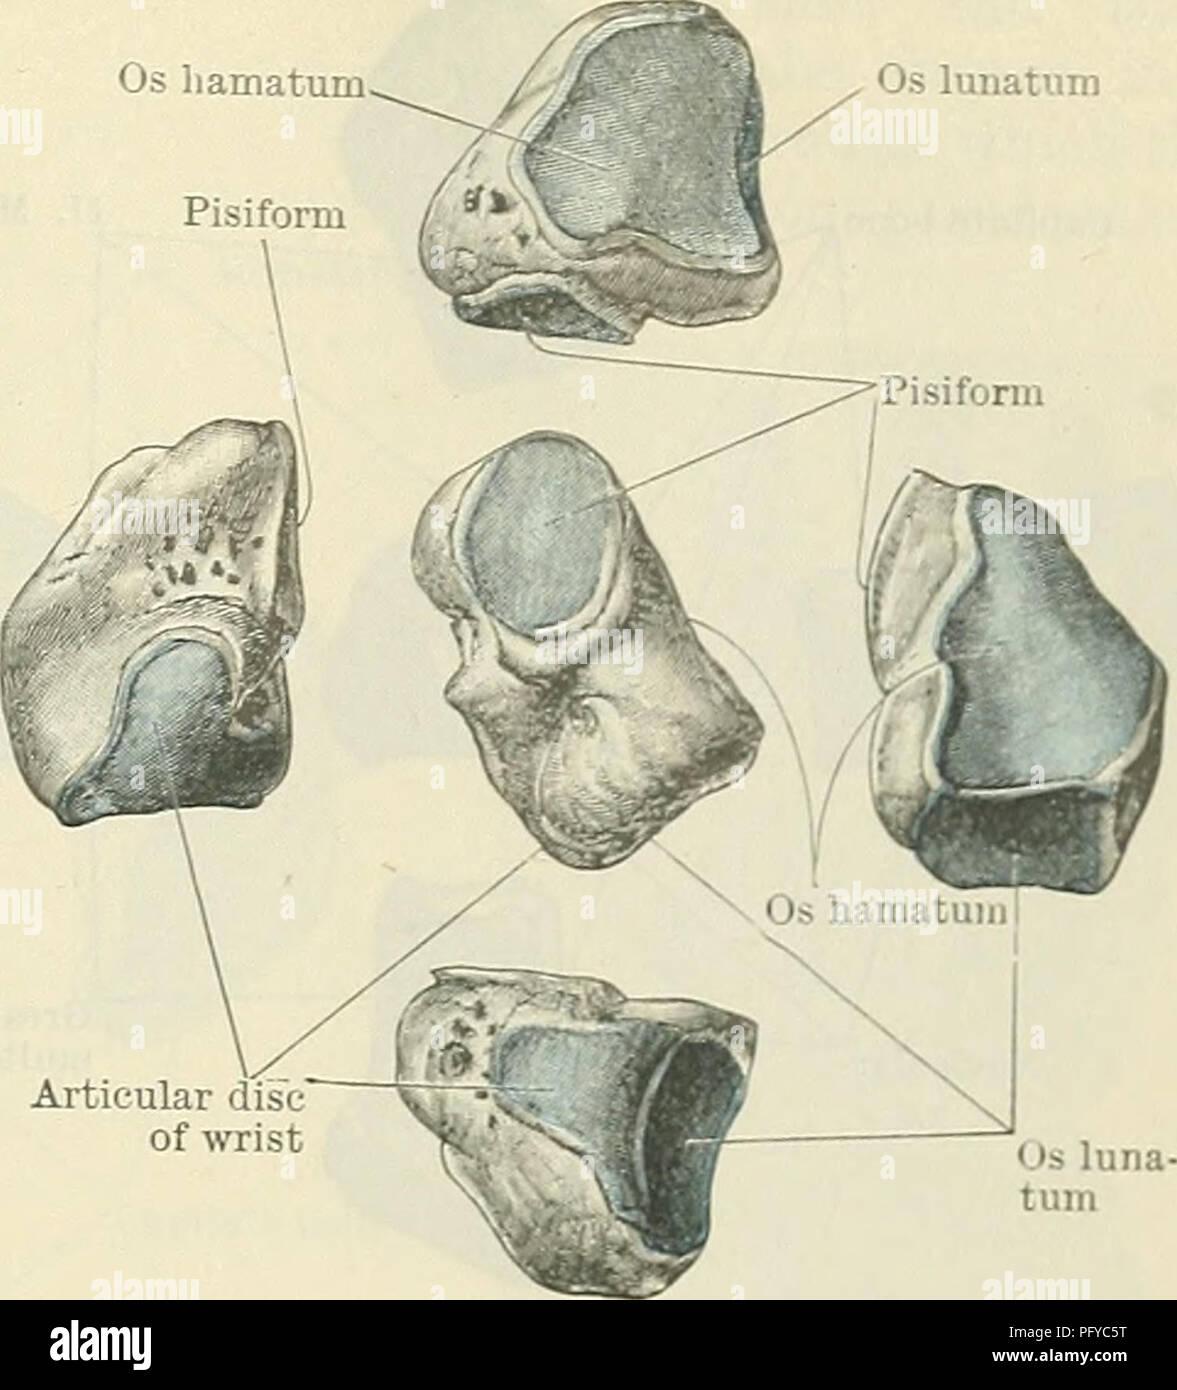 Cunninghams Lehrbuch der Anatomie. Anatomie. Die CAKPUS. 221 Os ...